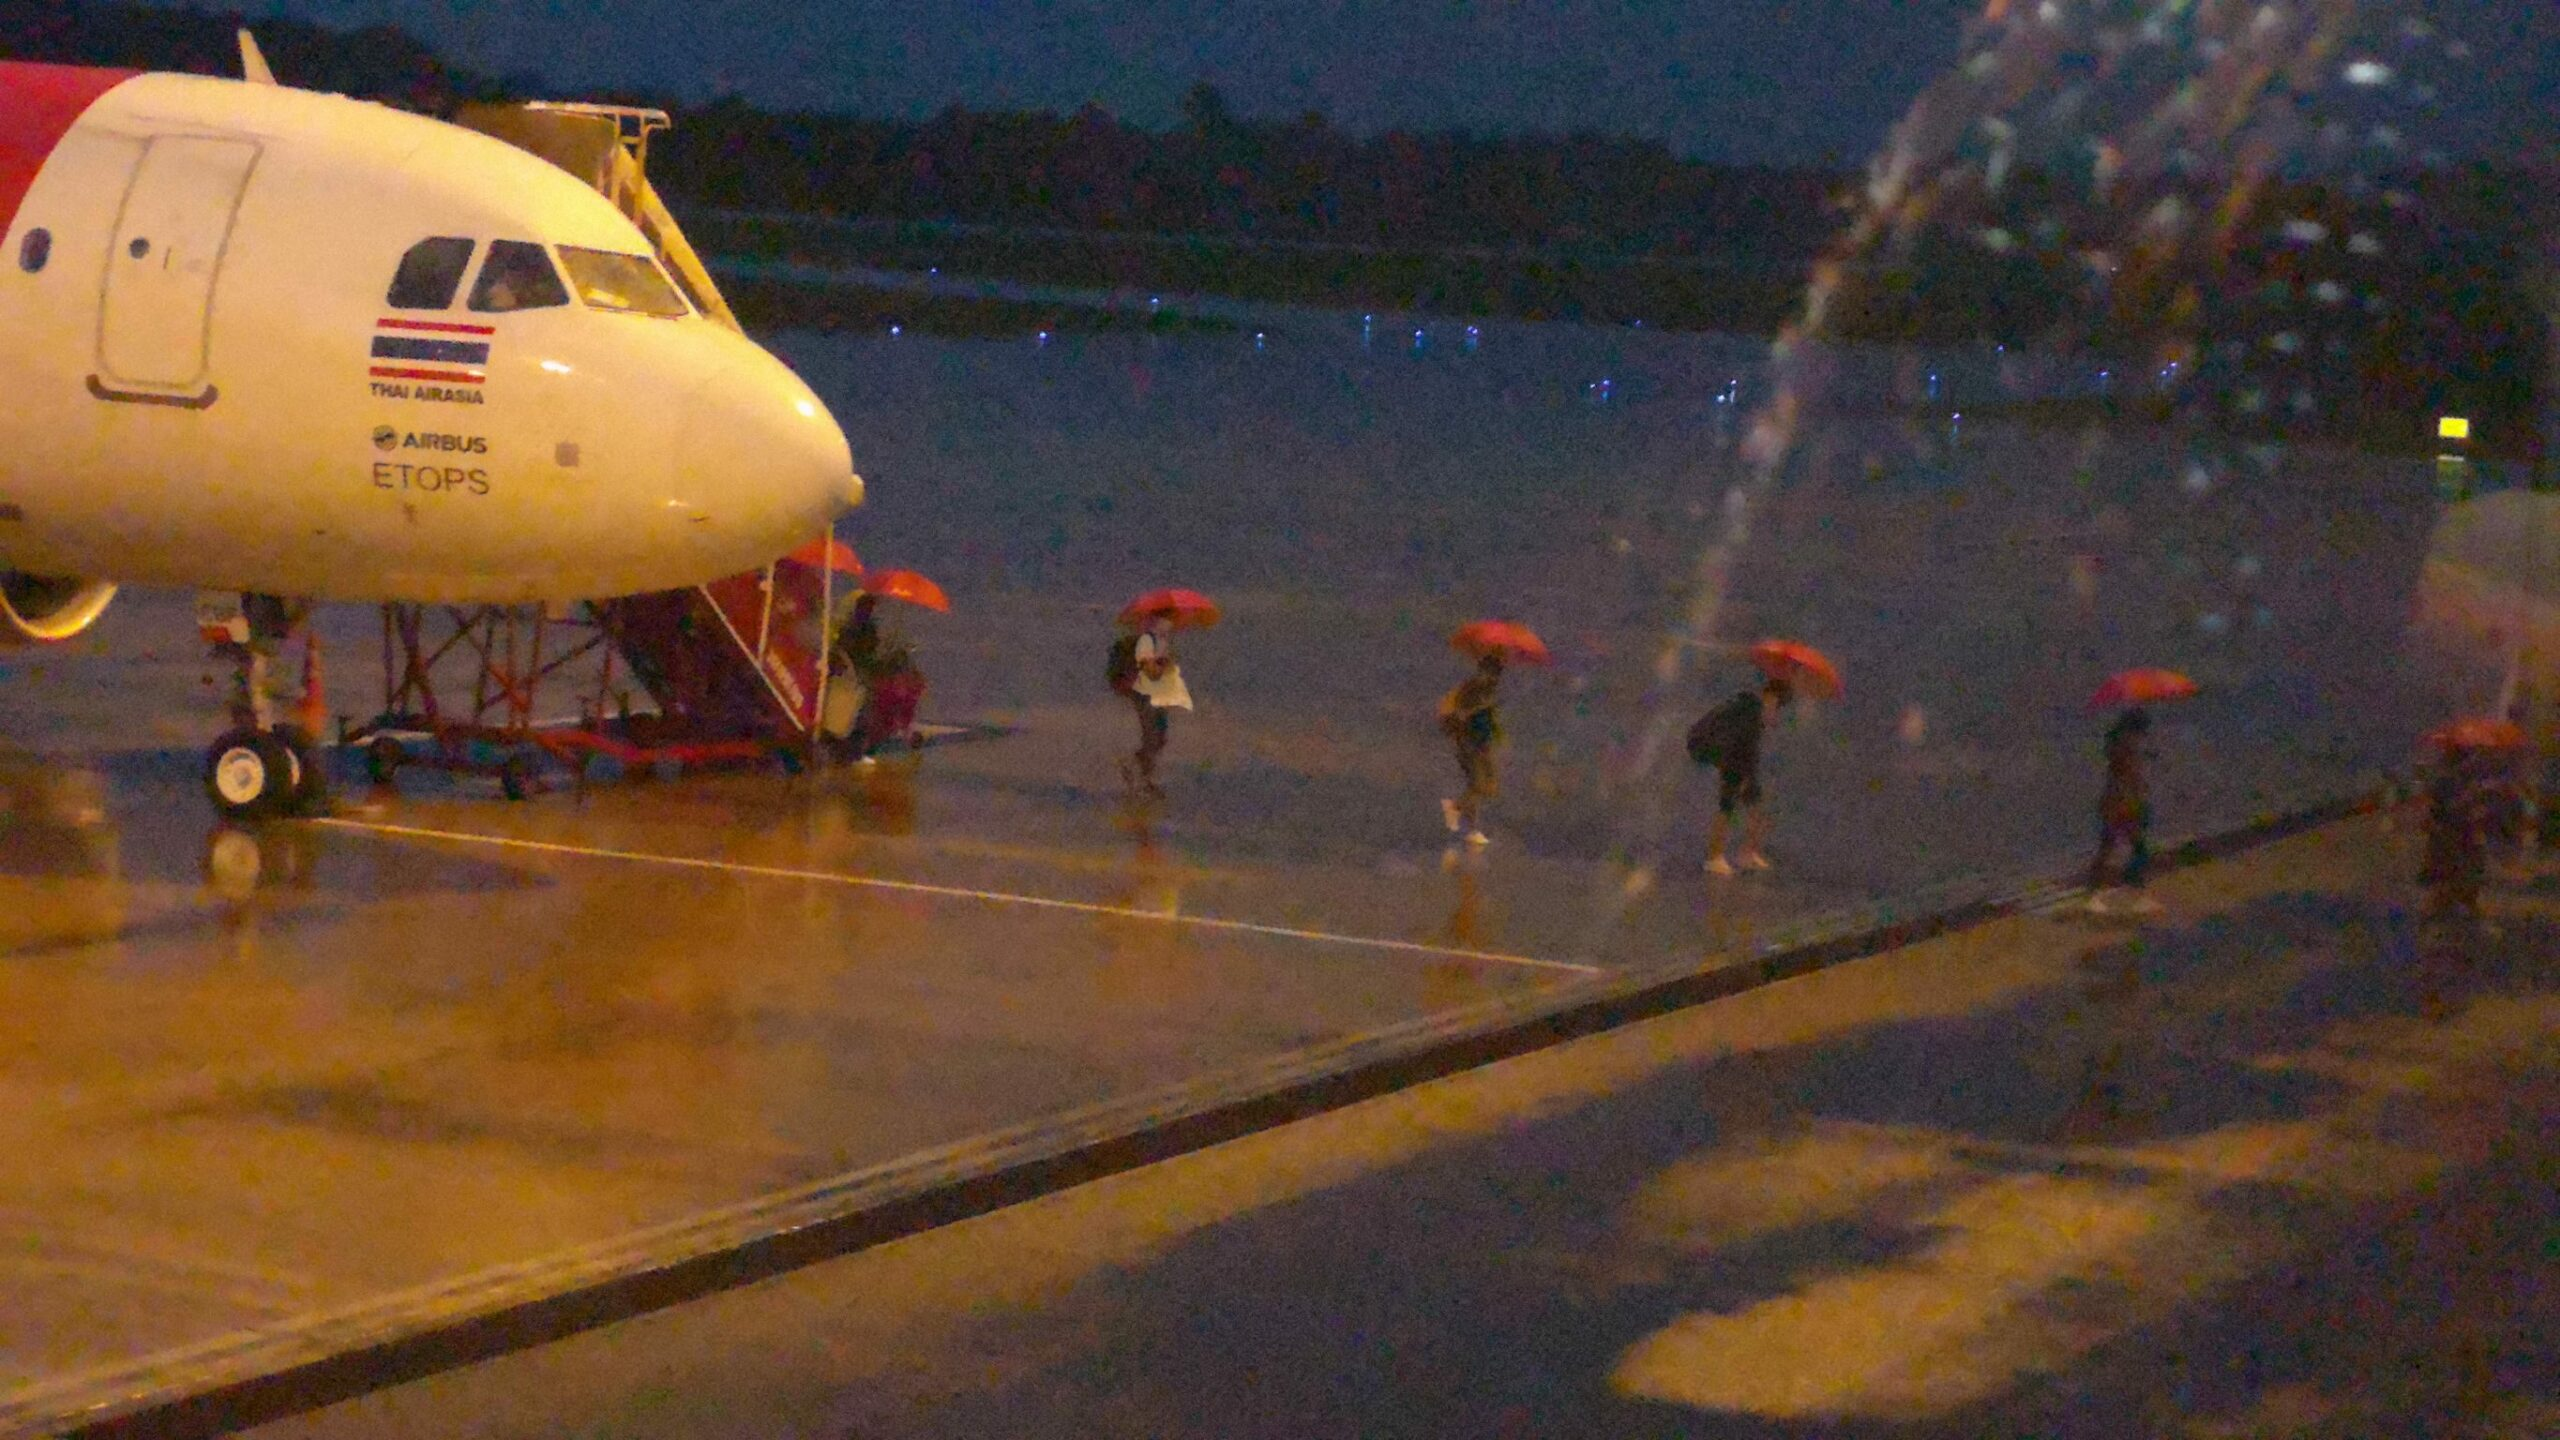 ฤทธิ์พายุฝนกระหน่ำตรังปกคลุมสนามบิน ผู้โดยสารลุ้นลงจอดไม่ได้ ดีเลย์นาน 5 ชม.